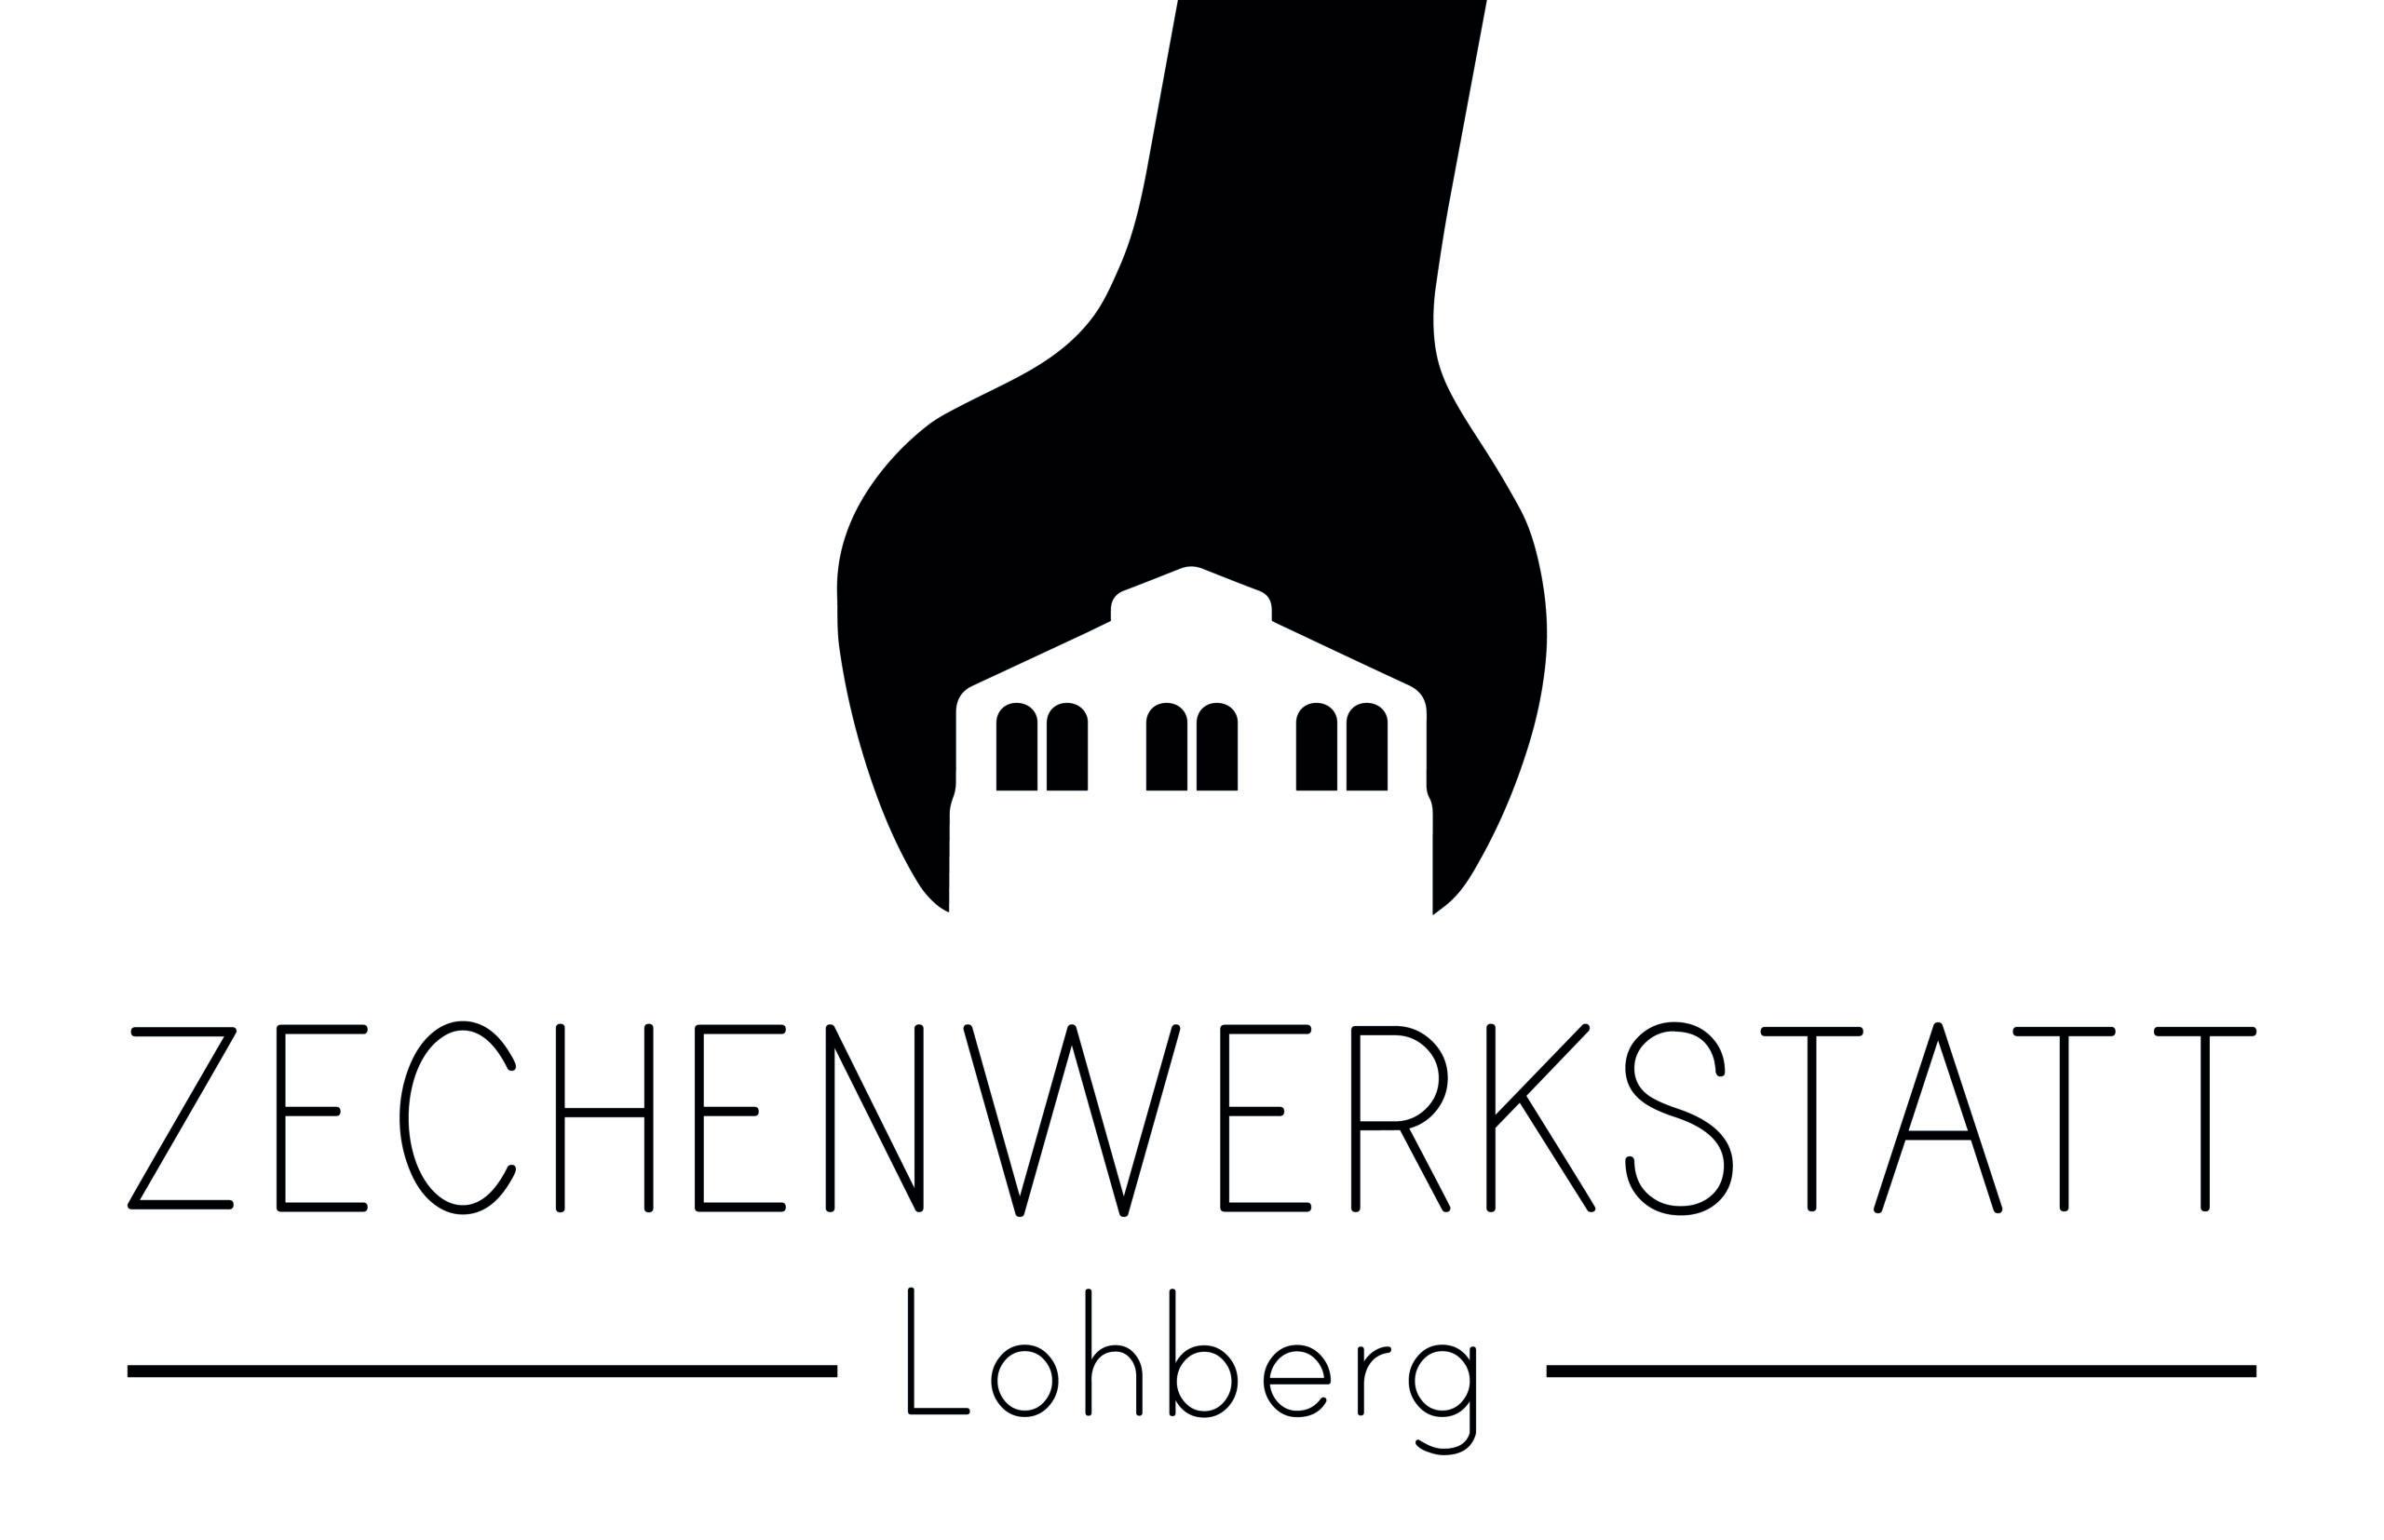 Zechenwerkstatt Lohberg